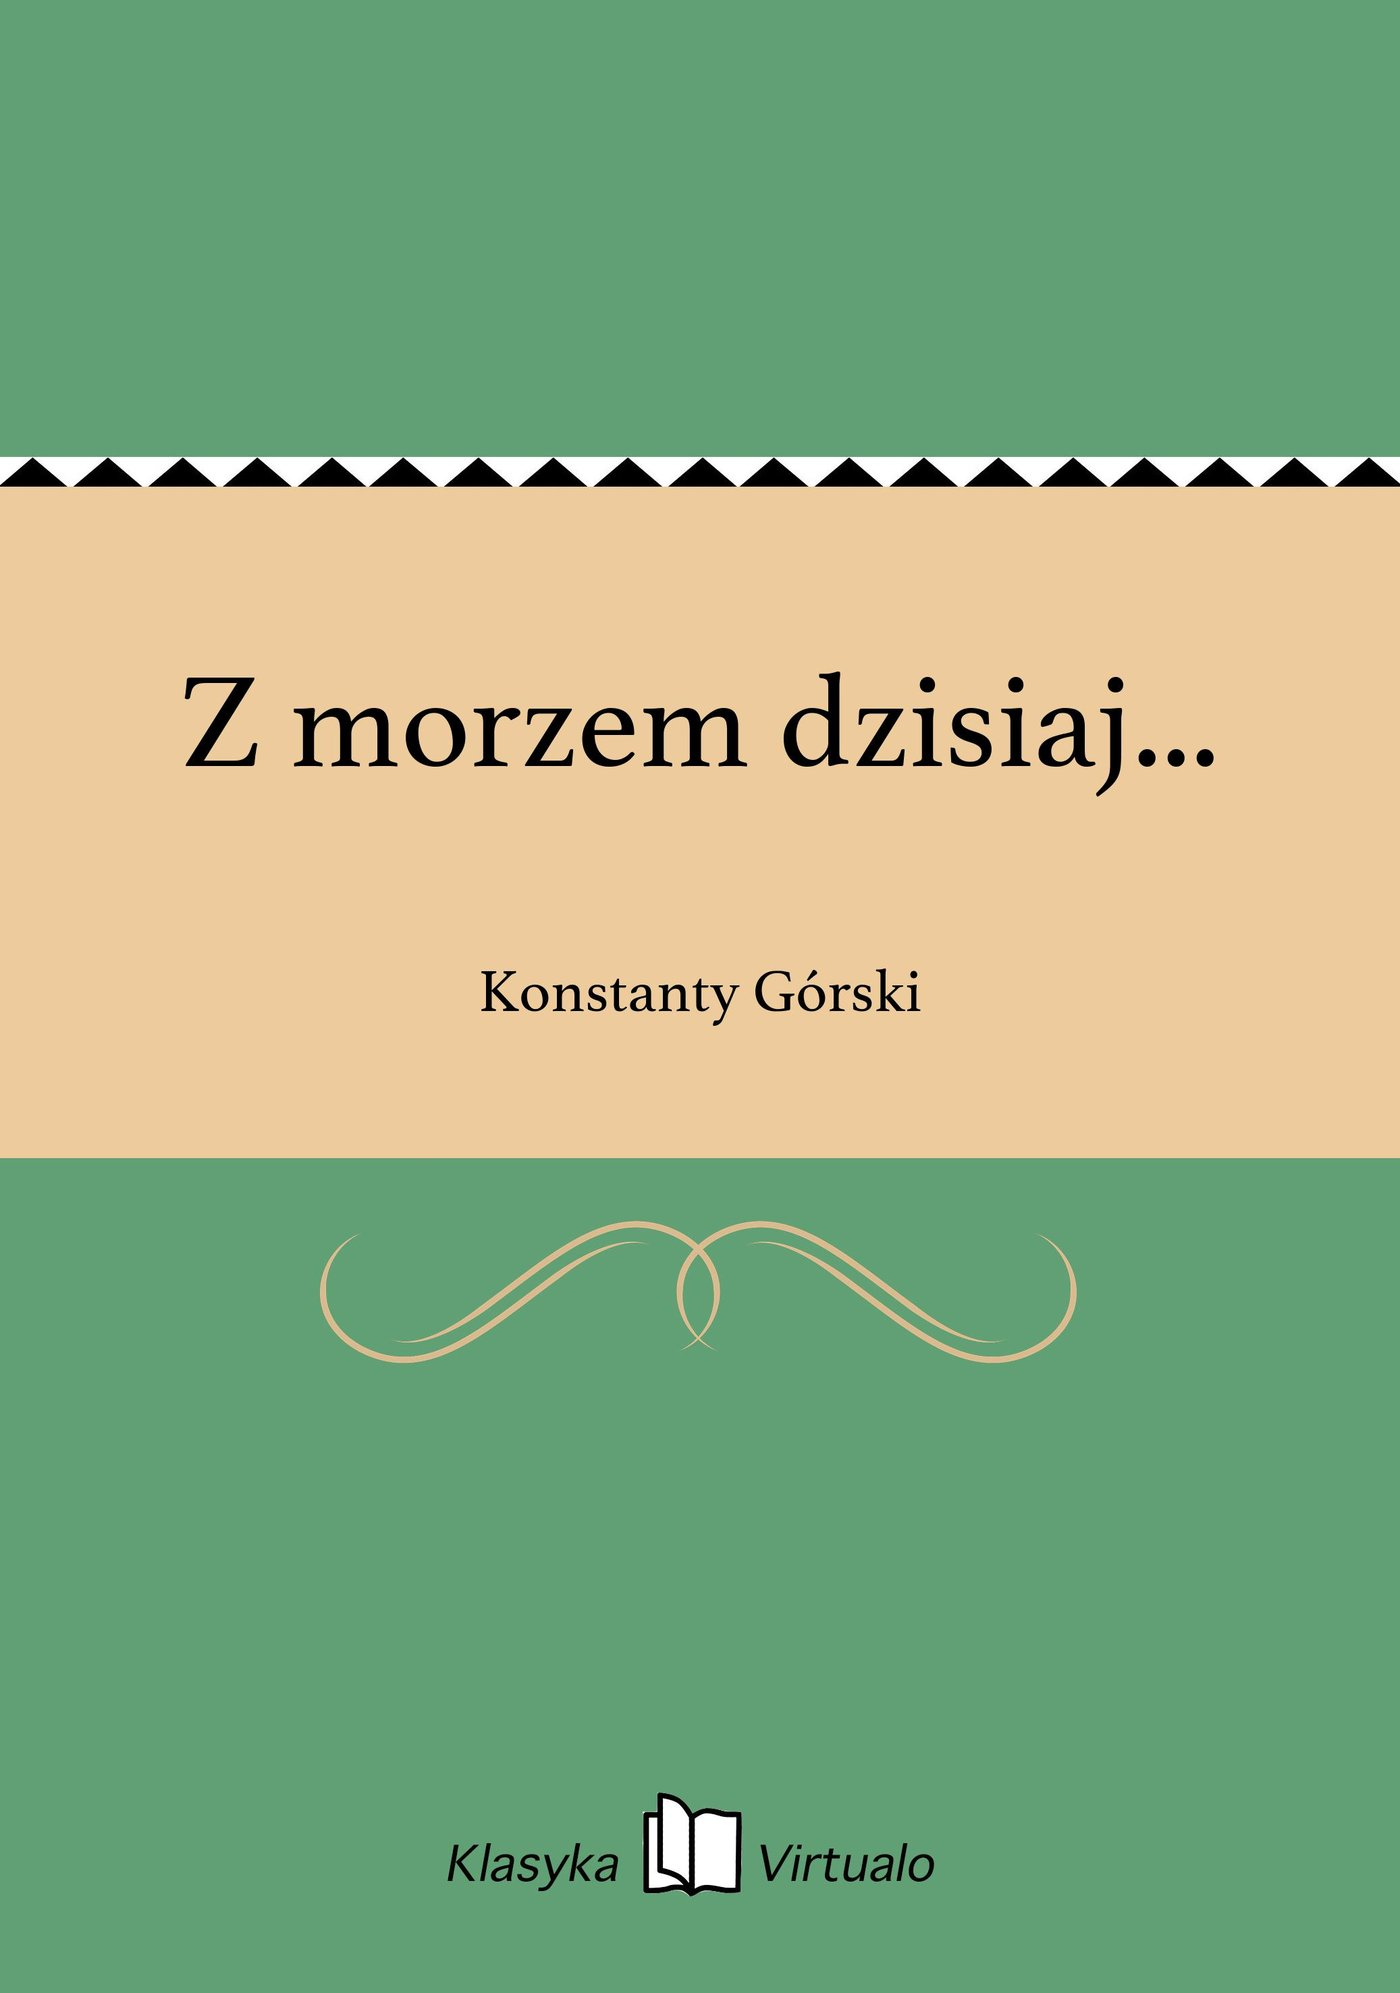 Z morzem dzisiaj... - Ebook (Książka na Kindle) do pobrania w formacie MOBI